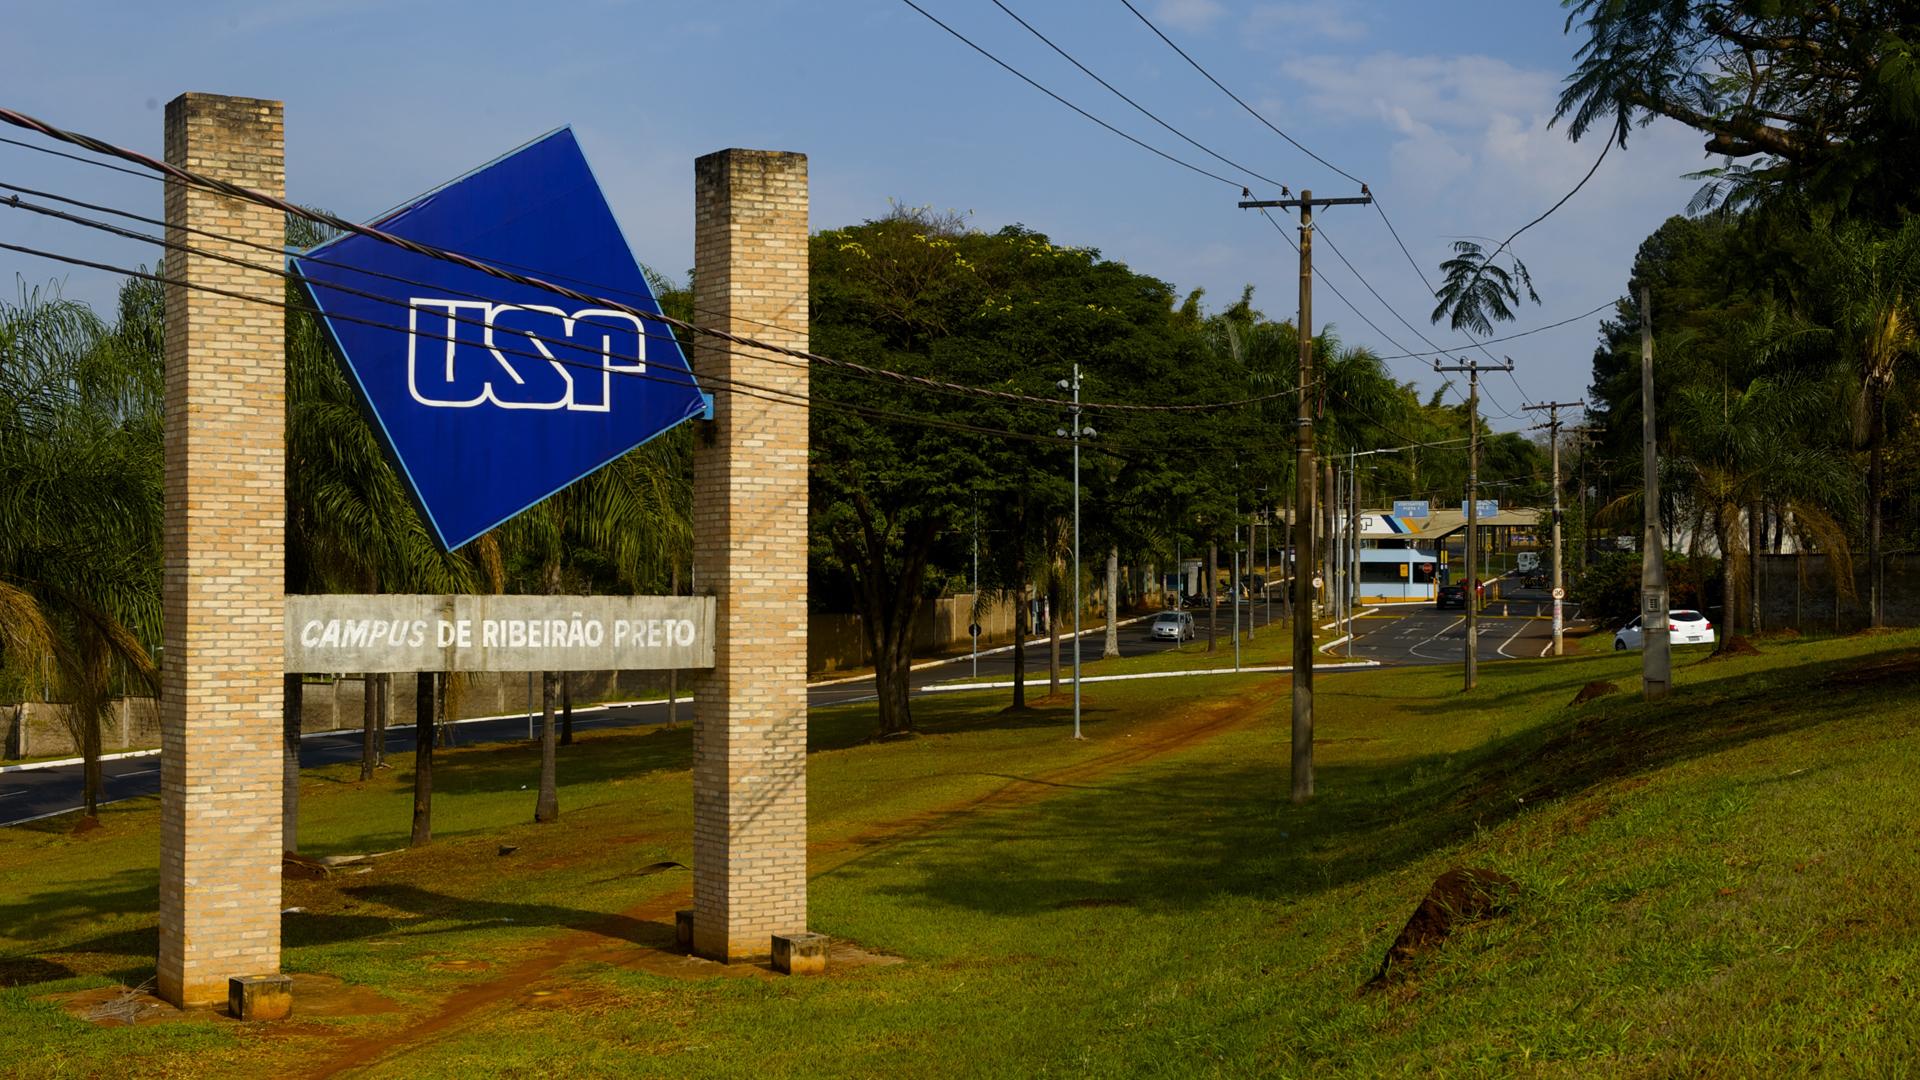 Métodos de seleção nos cursos superiores da USP em 2022